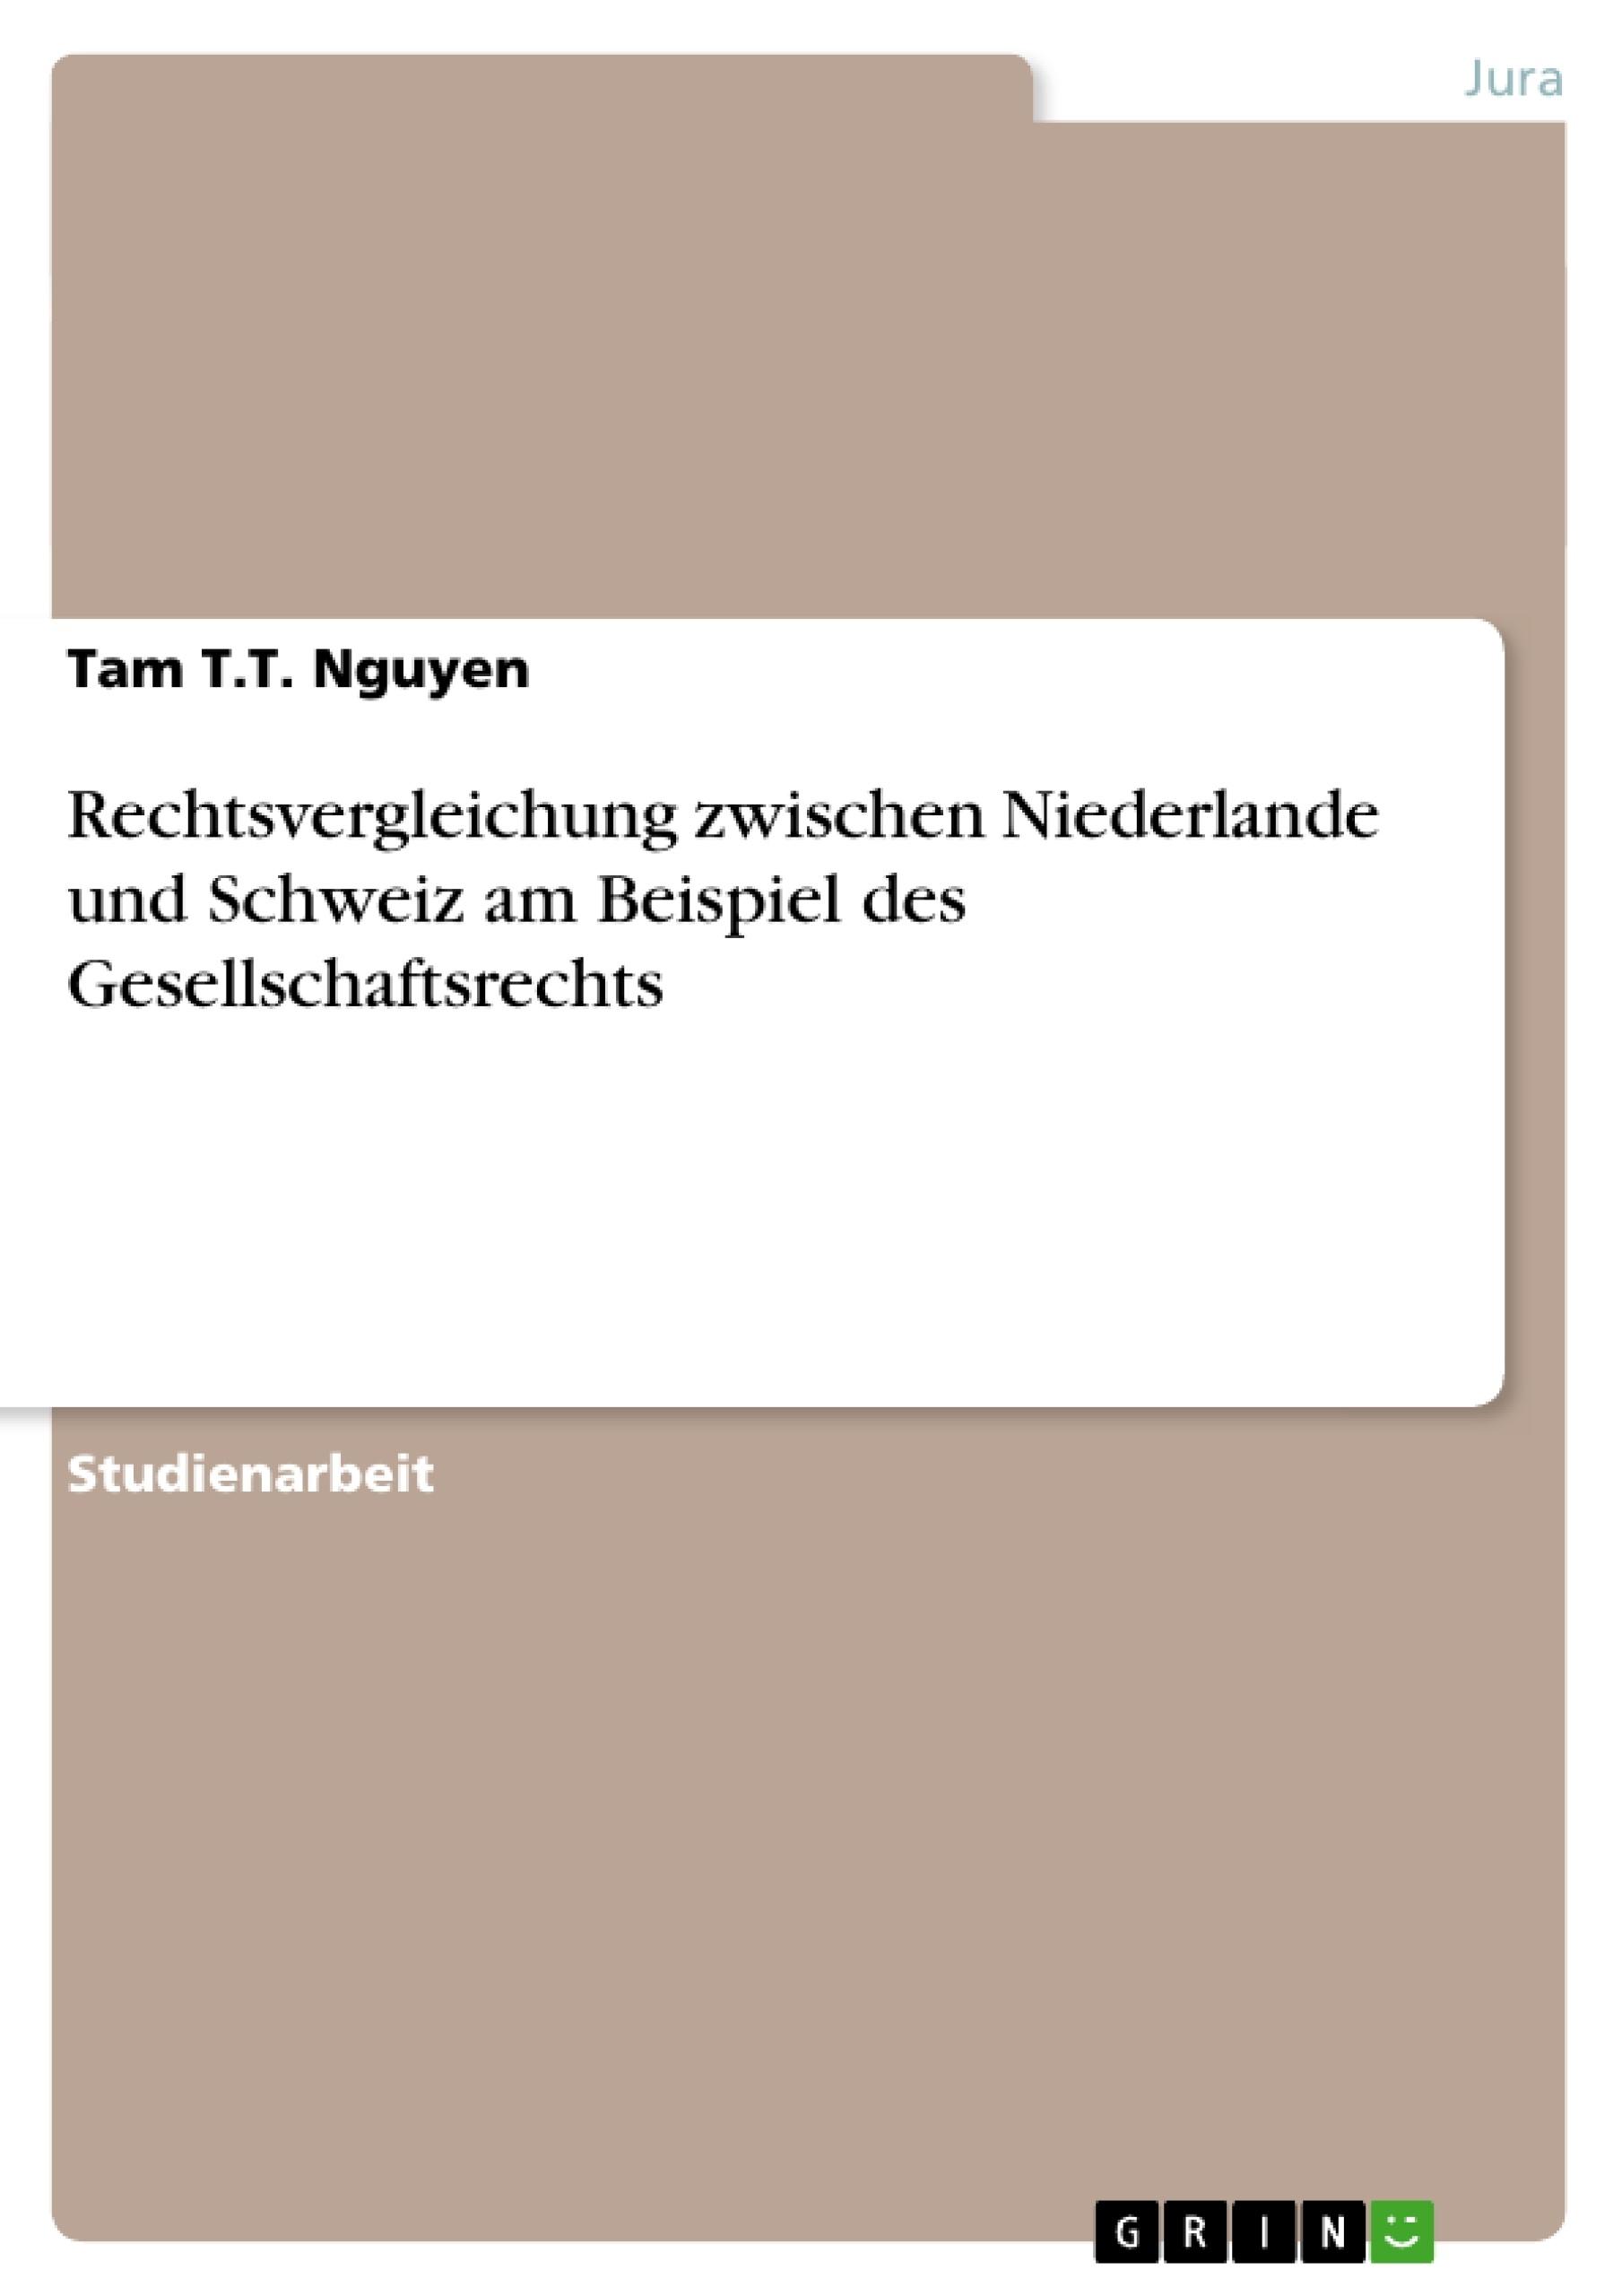 Titel: Rechtsvergleichung zwischen Niederlande und Schweiz am Beispiel des Gesellschaftsrechts